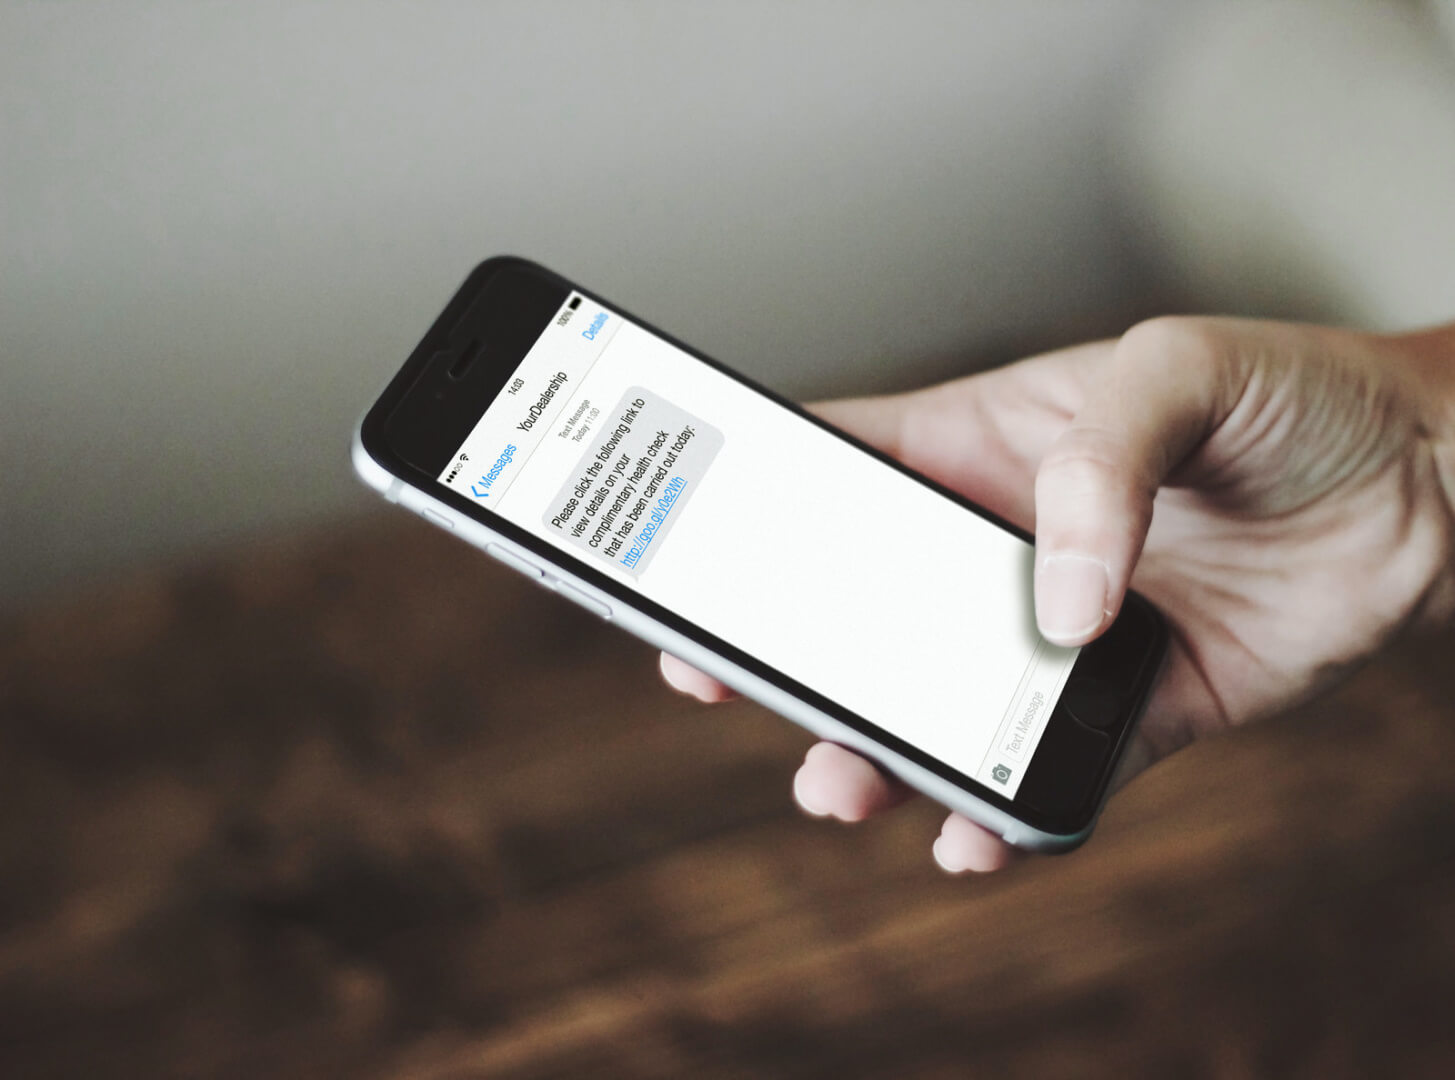 SMS tarifləri 2 dəfə qalxır